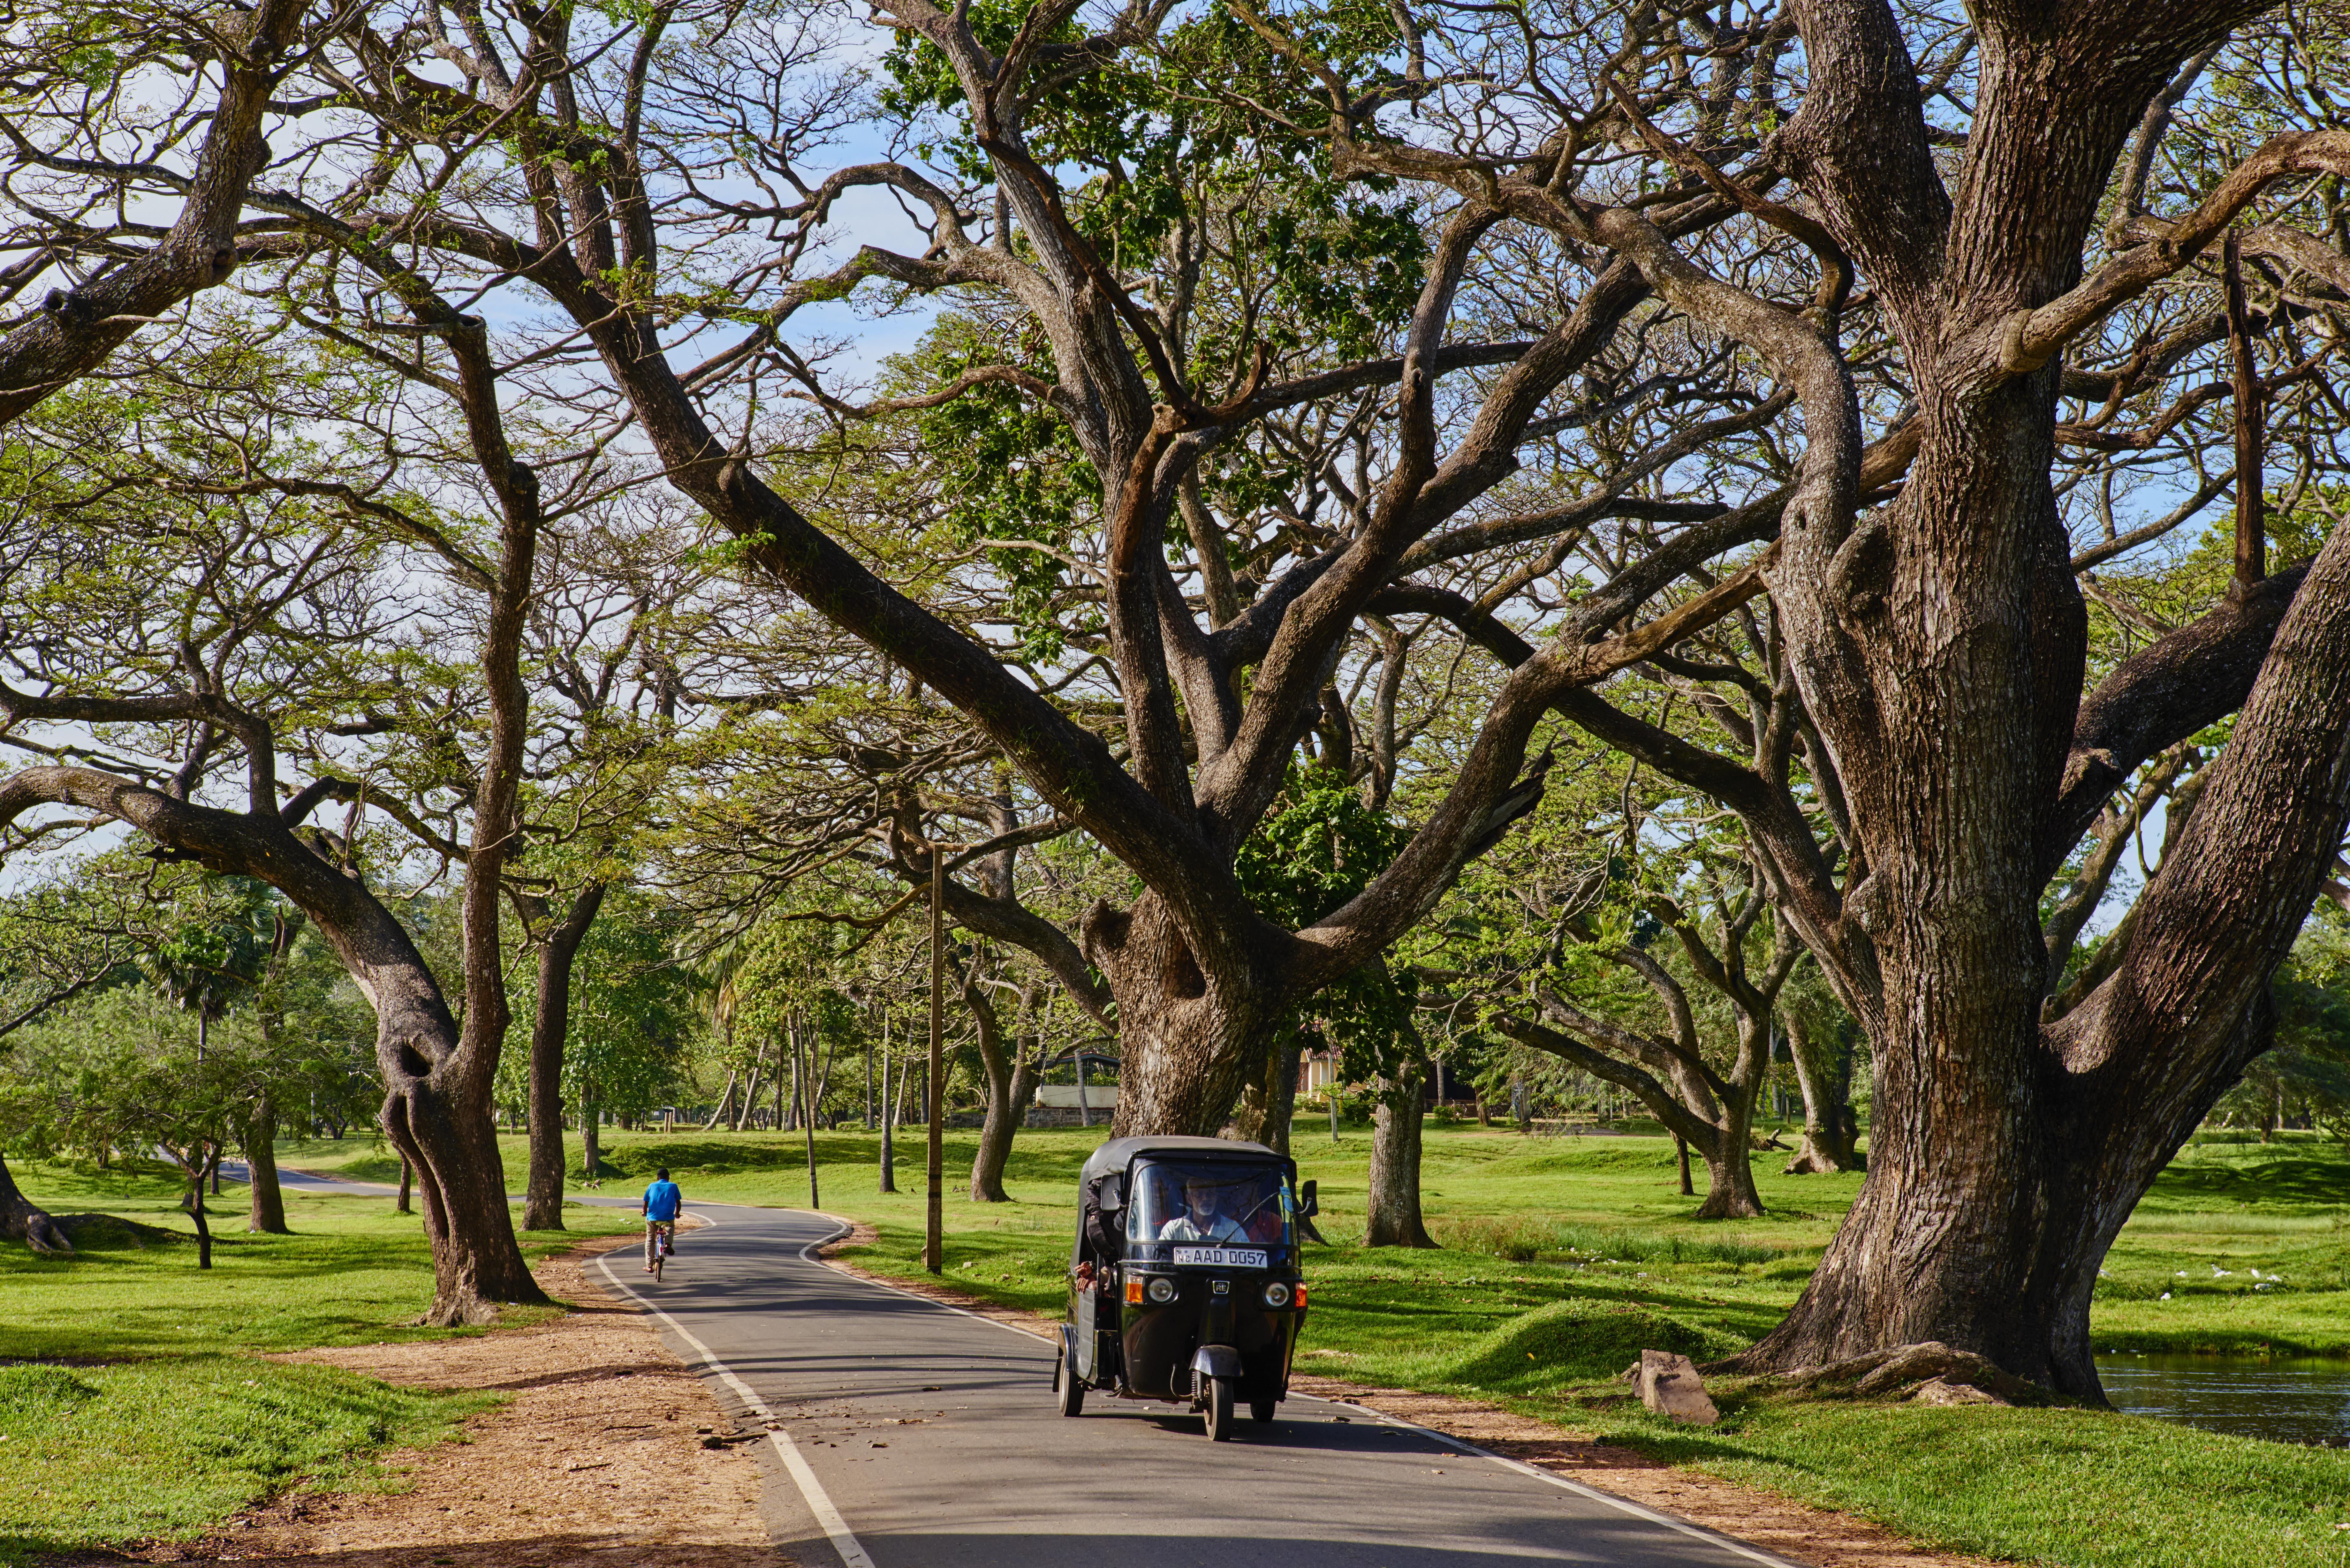 Sri Lanka, Anuradhapura, rickshaw under tree